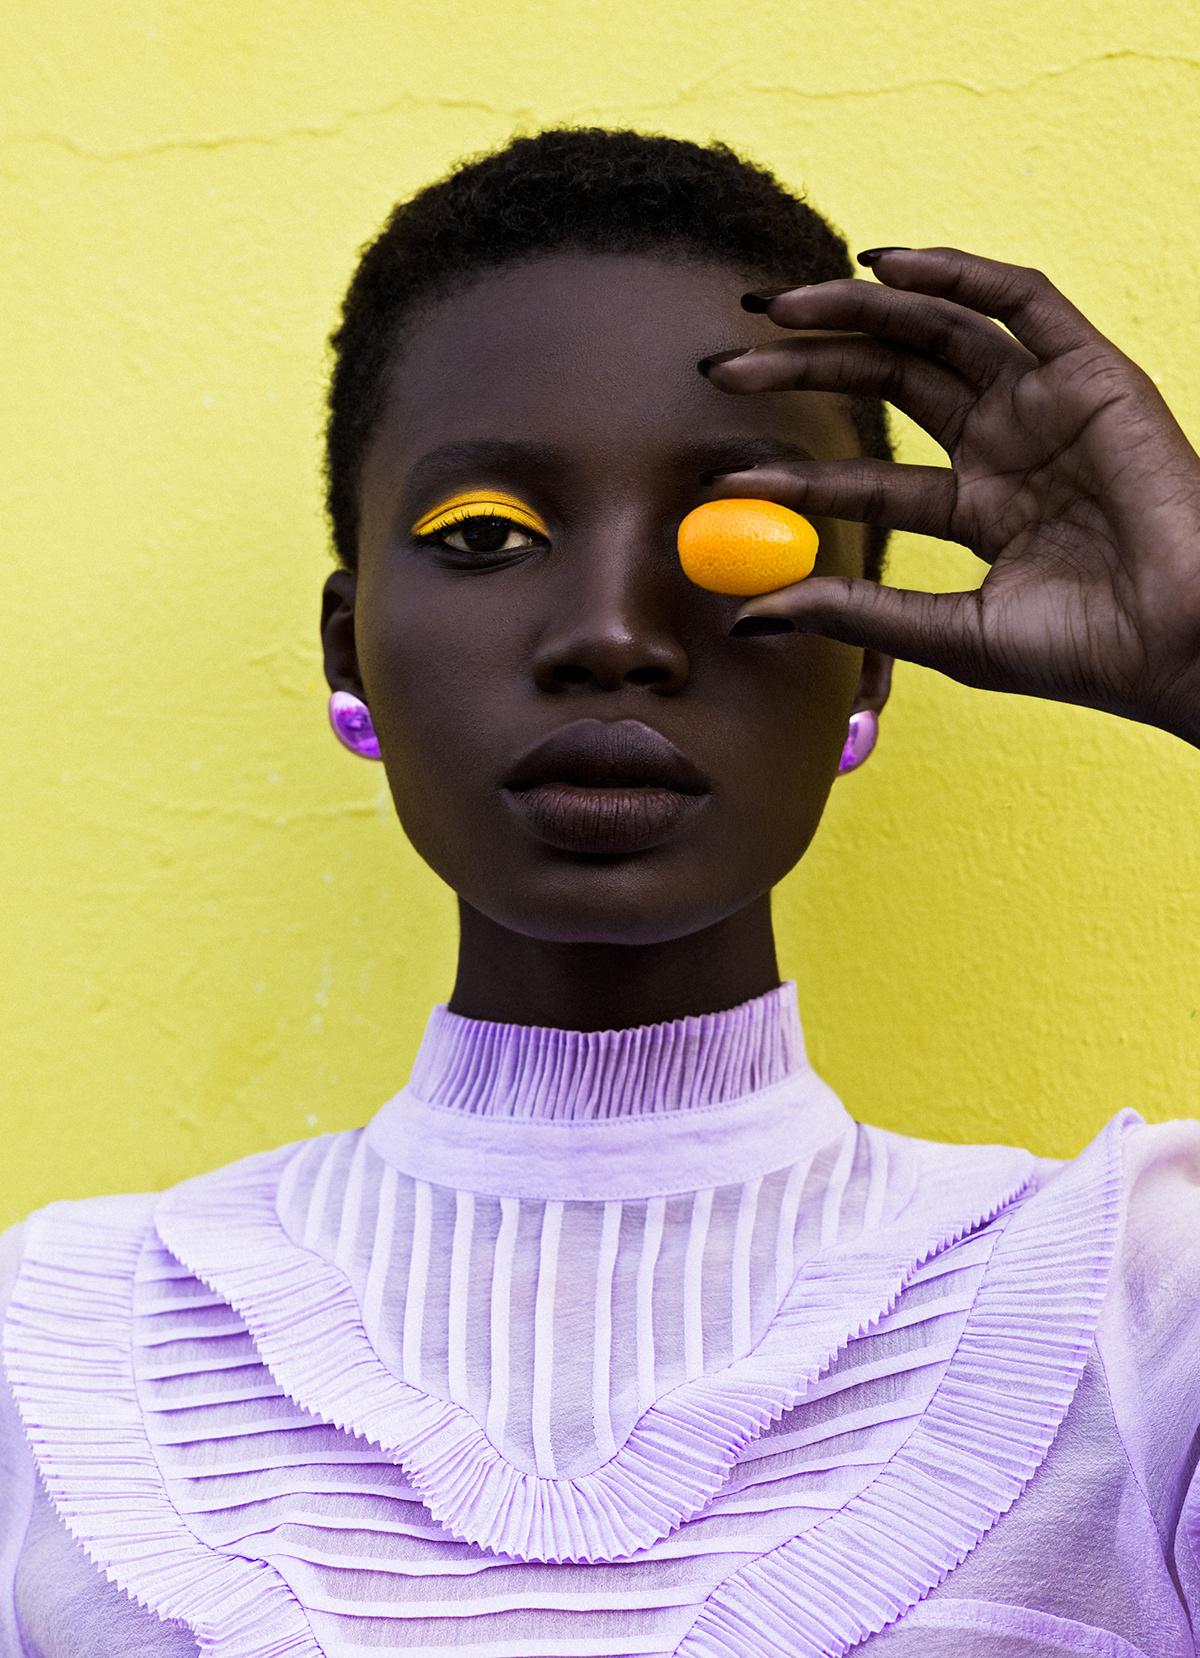 Γυναίκα με μπλούζα και μοβ σκουλαρίκια με κίτρινη φιγούρα στο χέρι της.